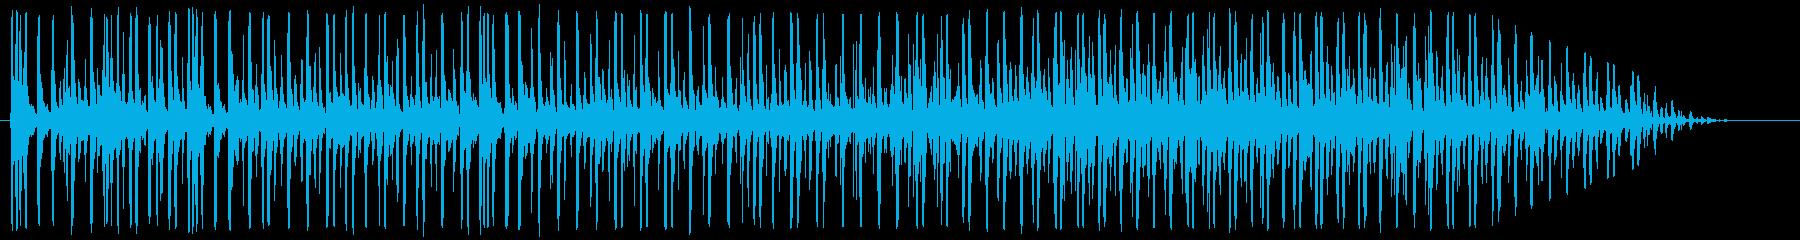 ザパテアードアンドバッスルの再生済みの波形